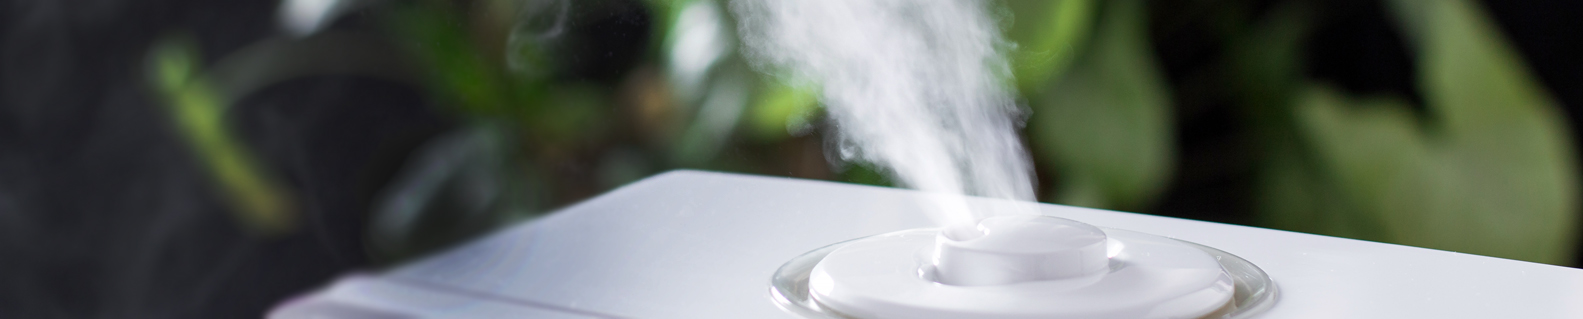 Kvapų sistemos | Kvapų difuzoriai  Komercinėms patalpoms ir namams skirti kvapų difuzoriai